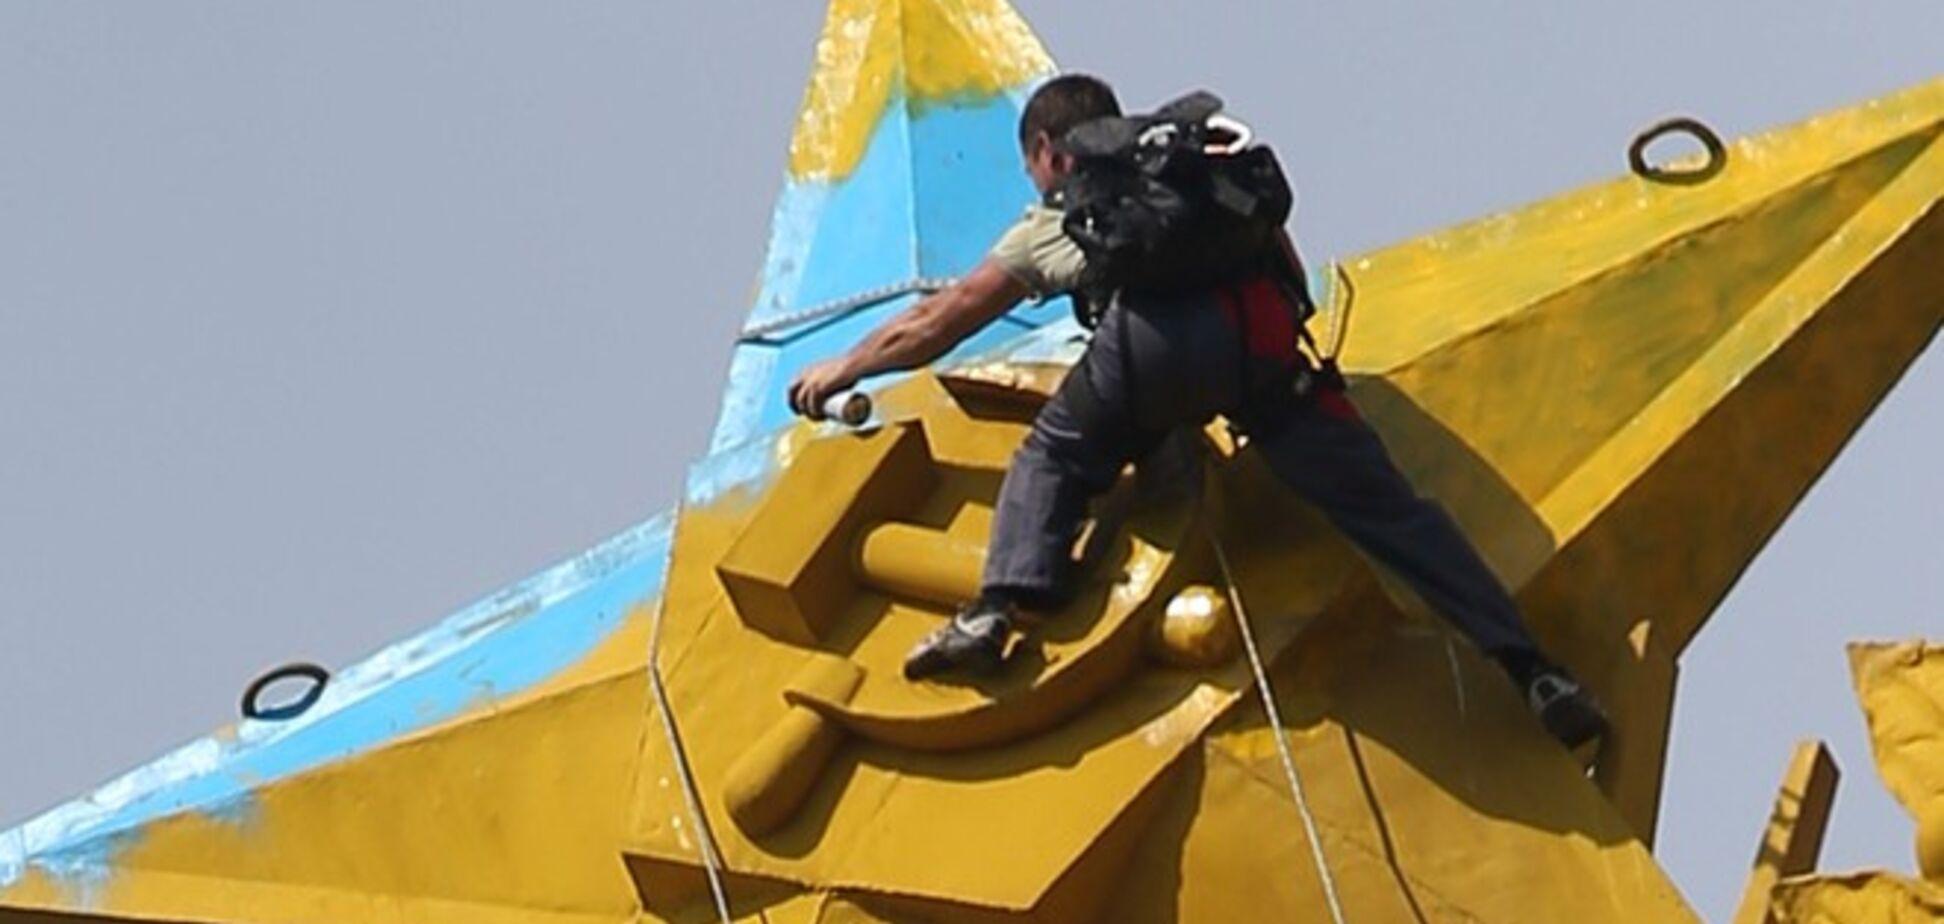 Слава Украине рассказал, как красил звезду в Москве в цвета украинского флага